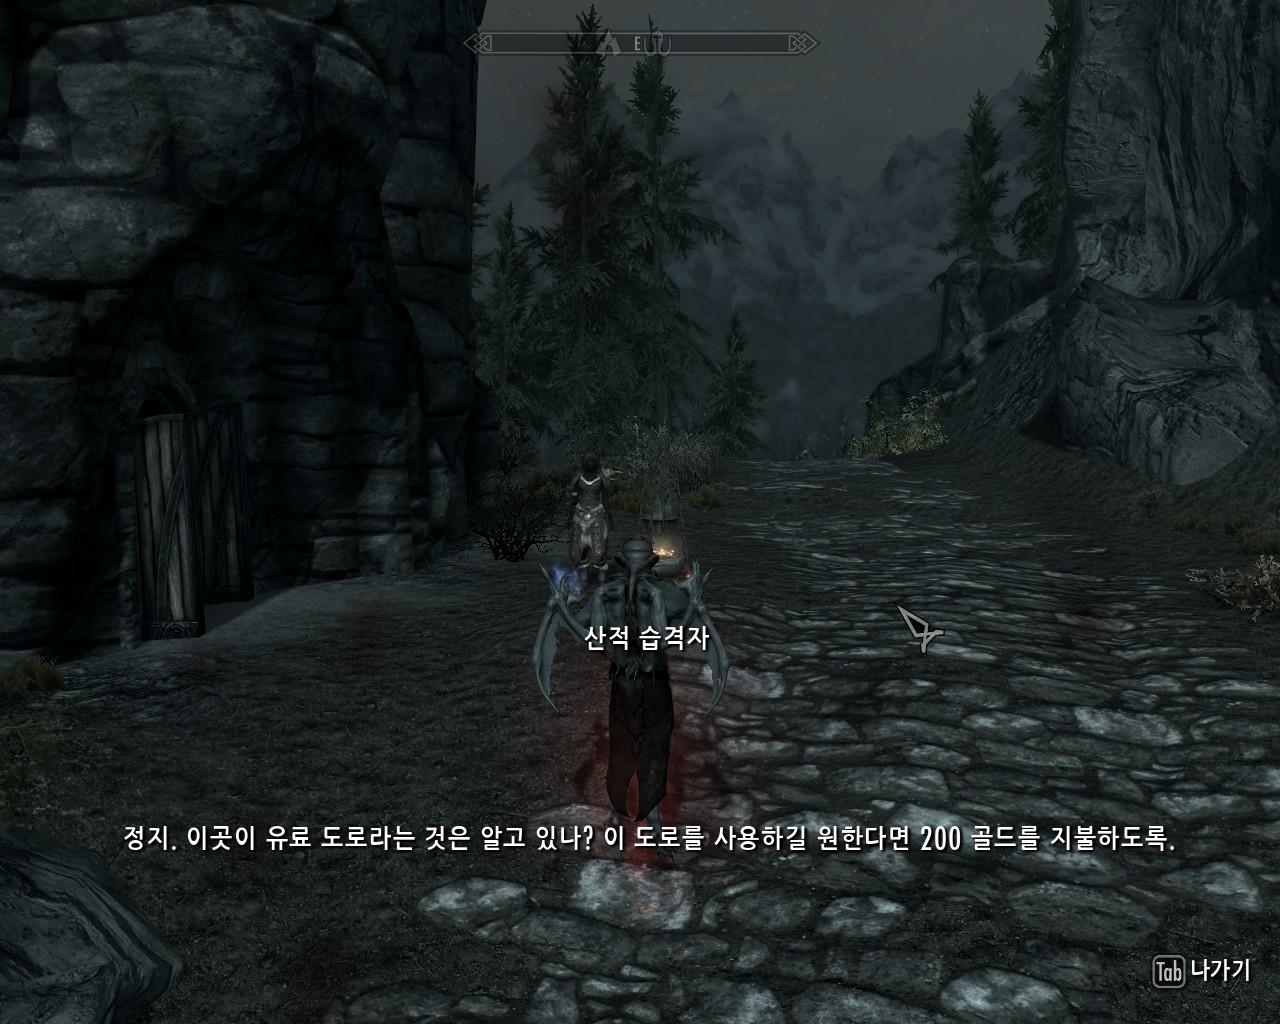 [Skyrim]흔한 산적의 패기